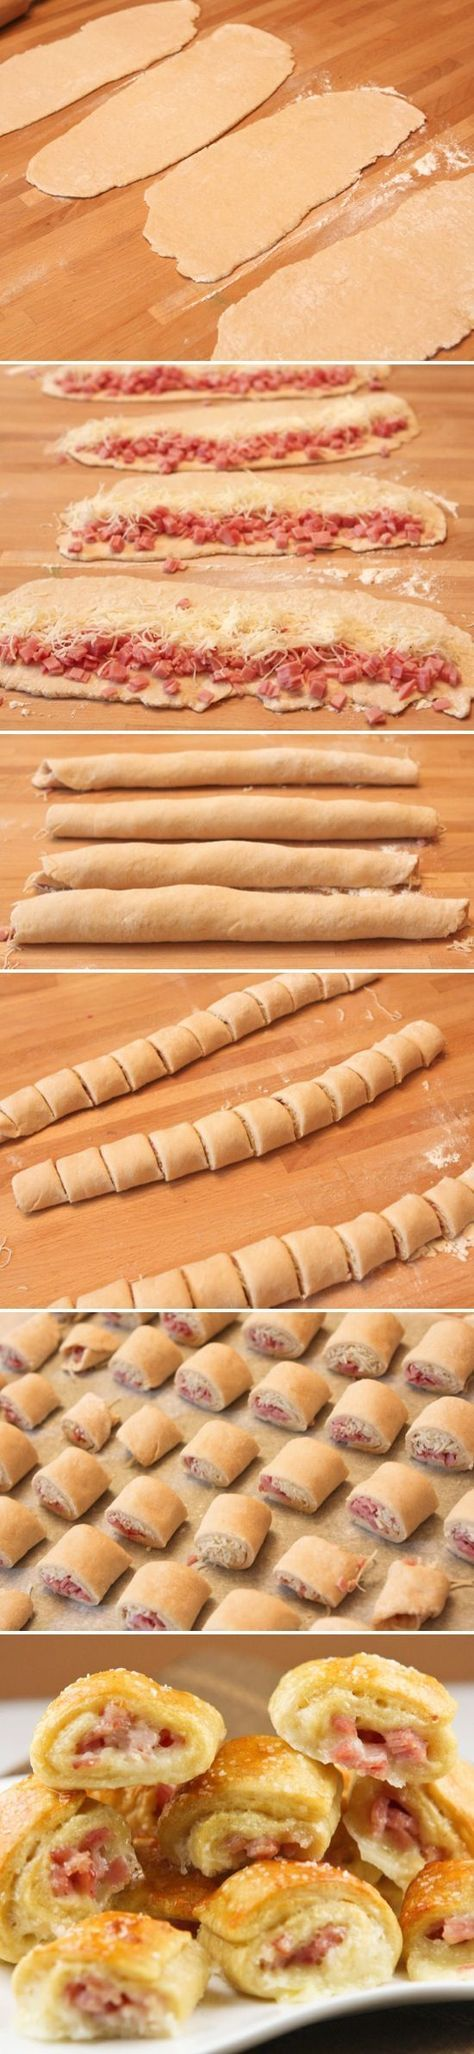 Ekmek hamuruna salam ve kaşar